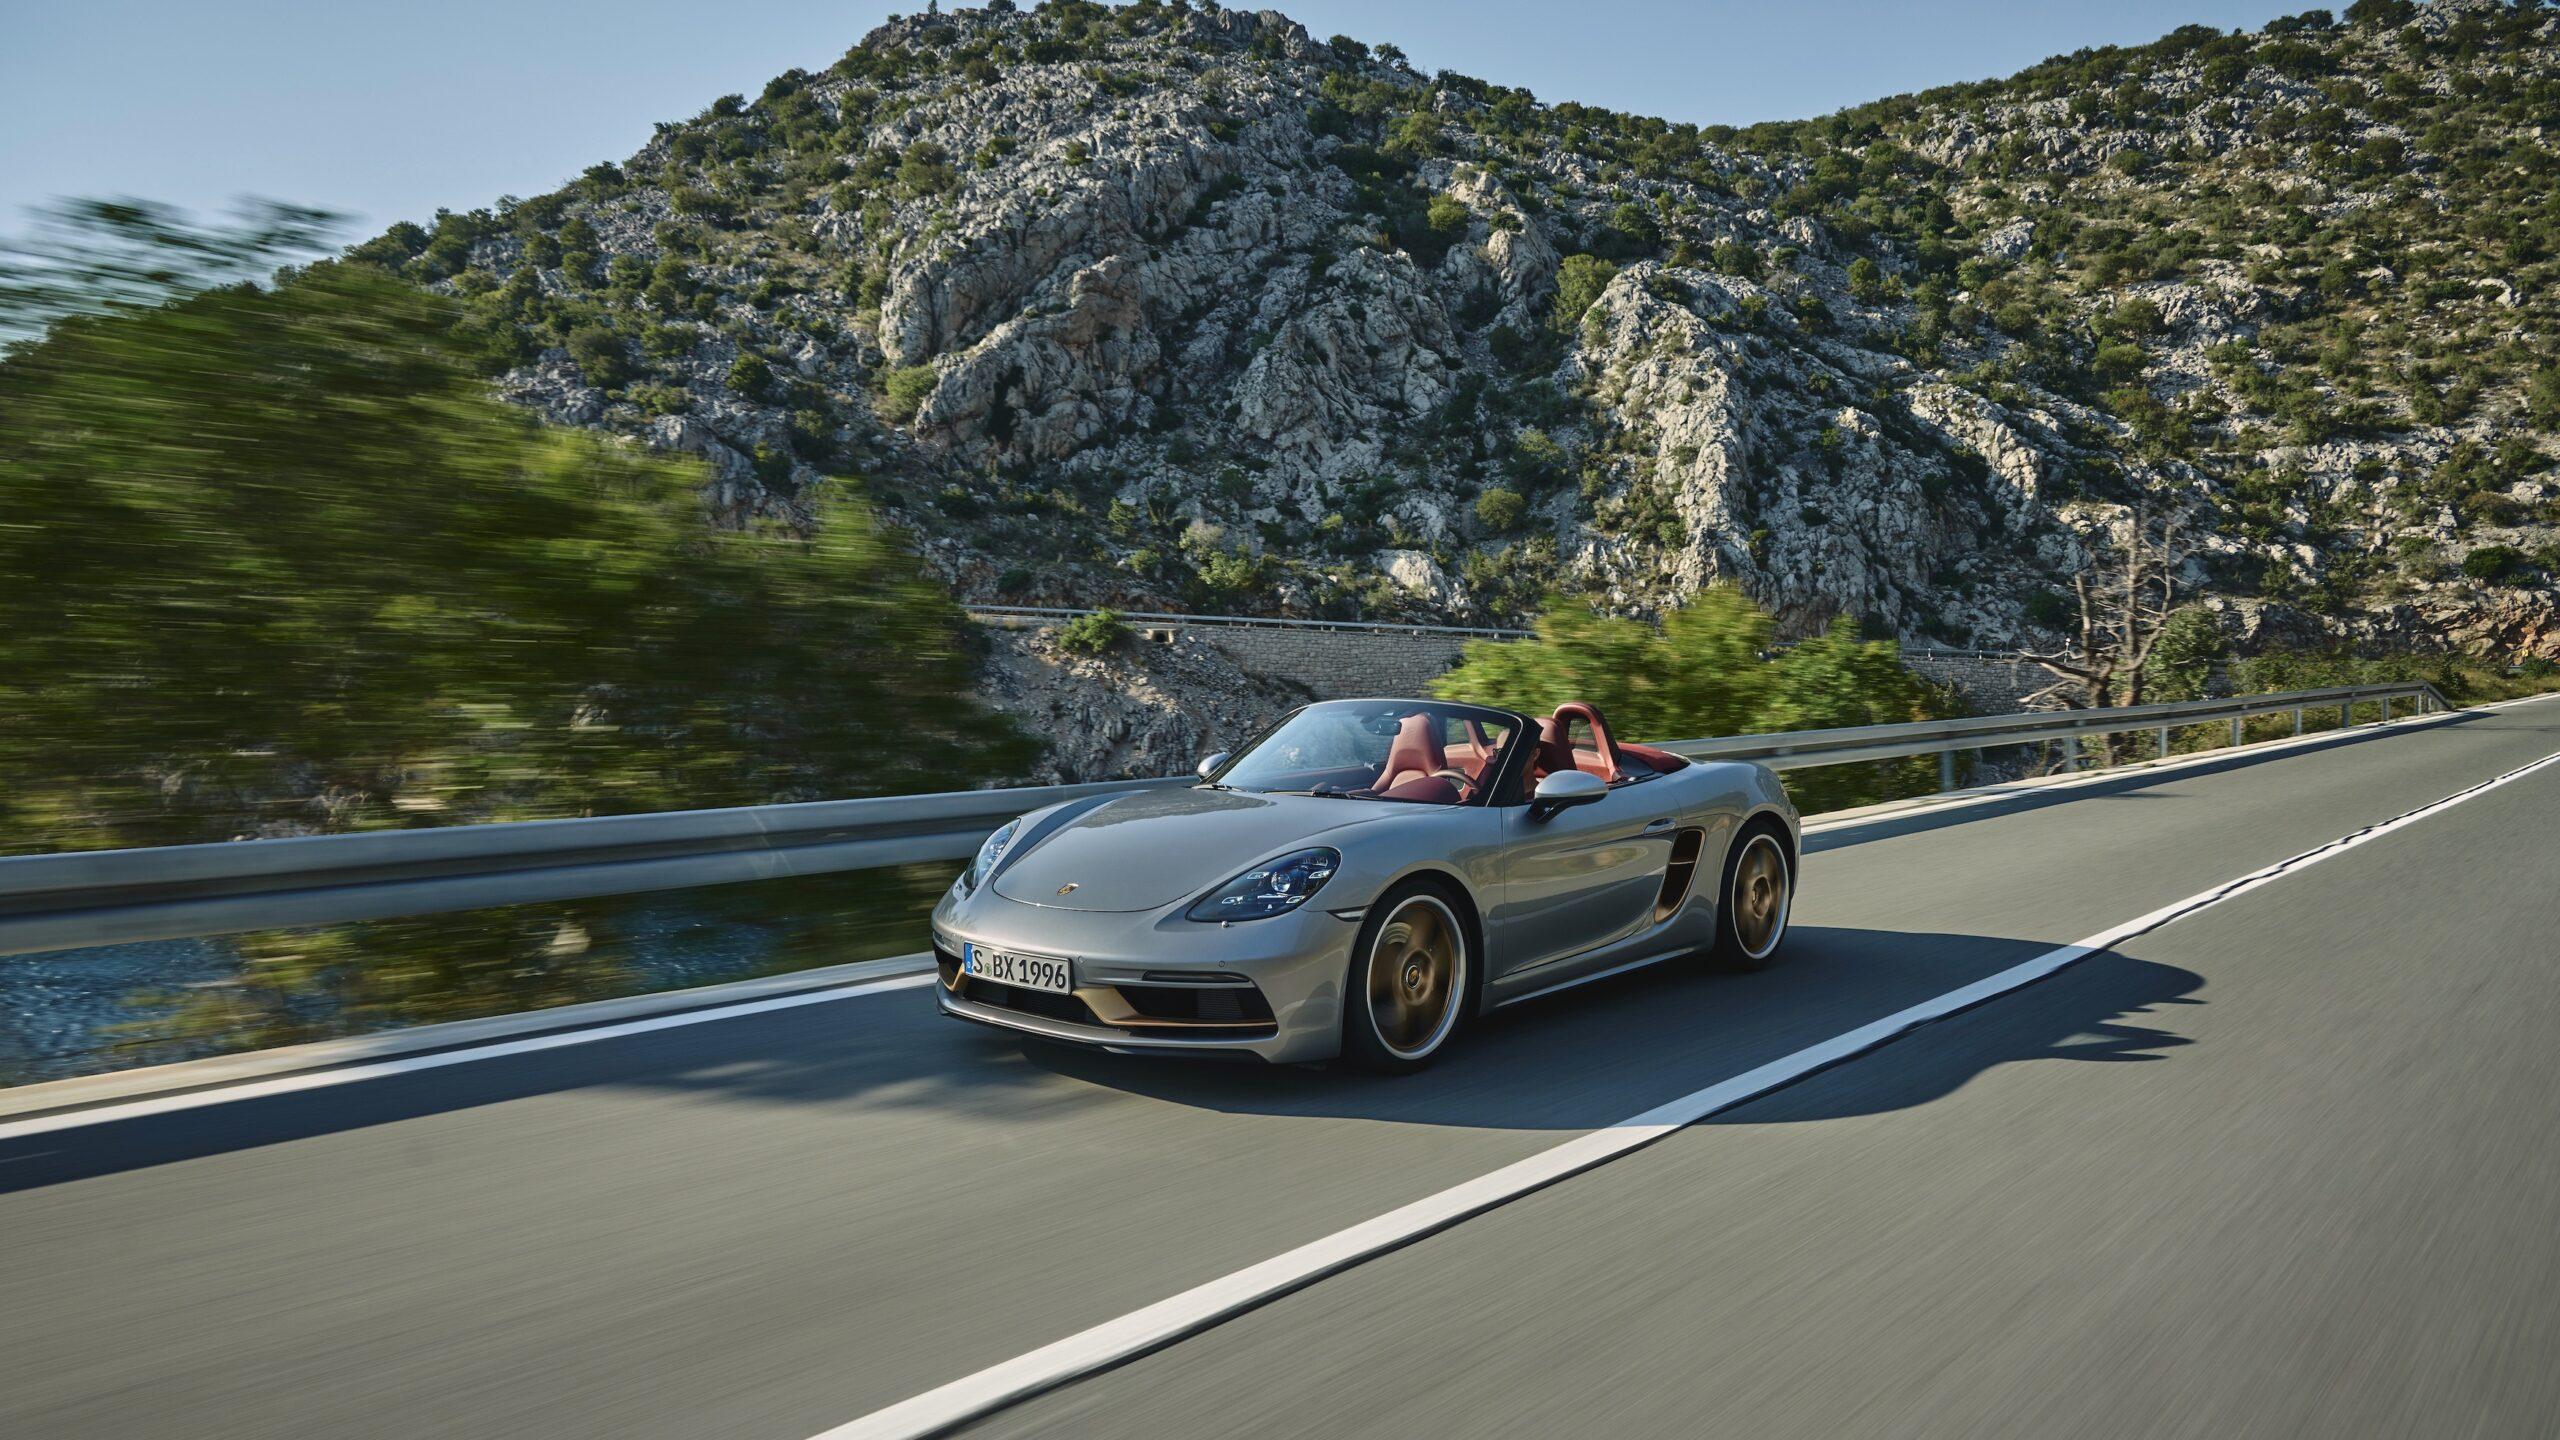 Nuova Porsche Boxster 25 Years rivisita le sue origini.